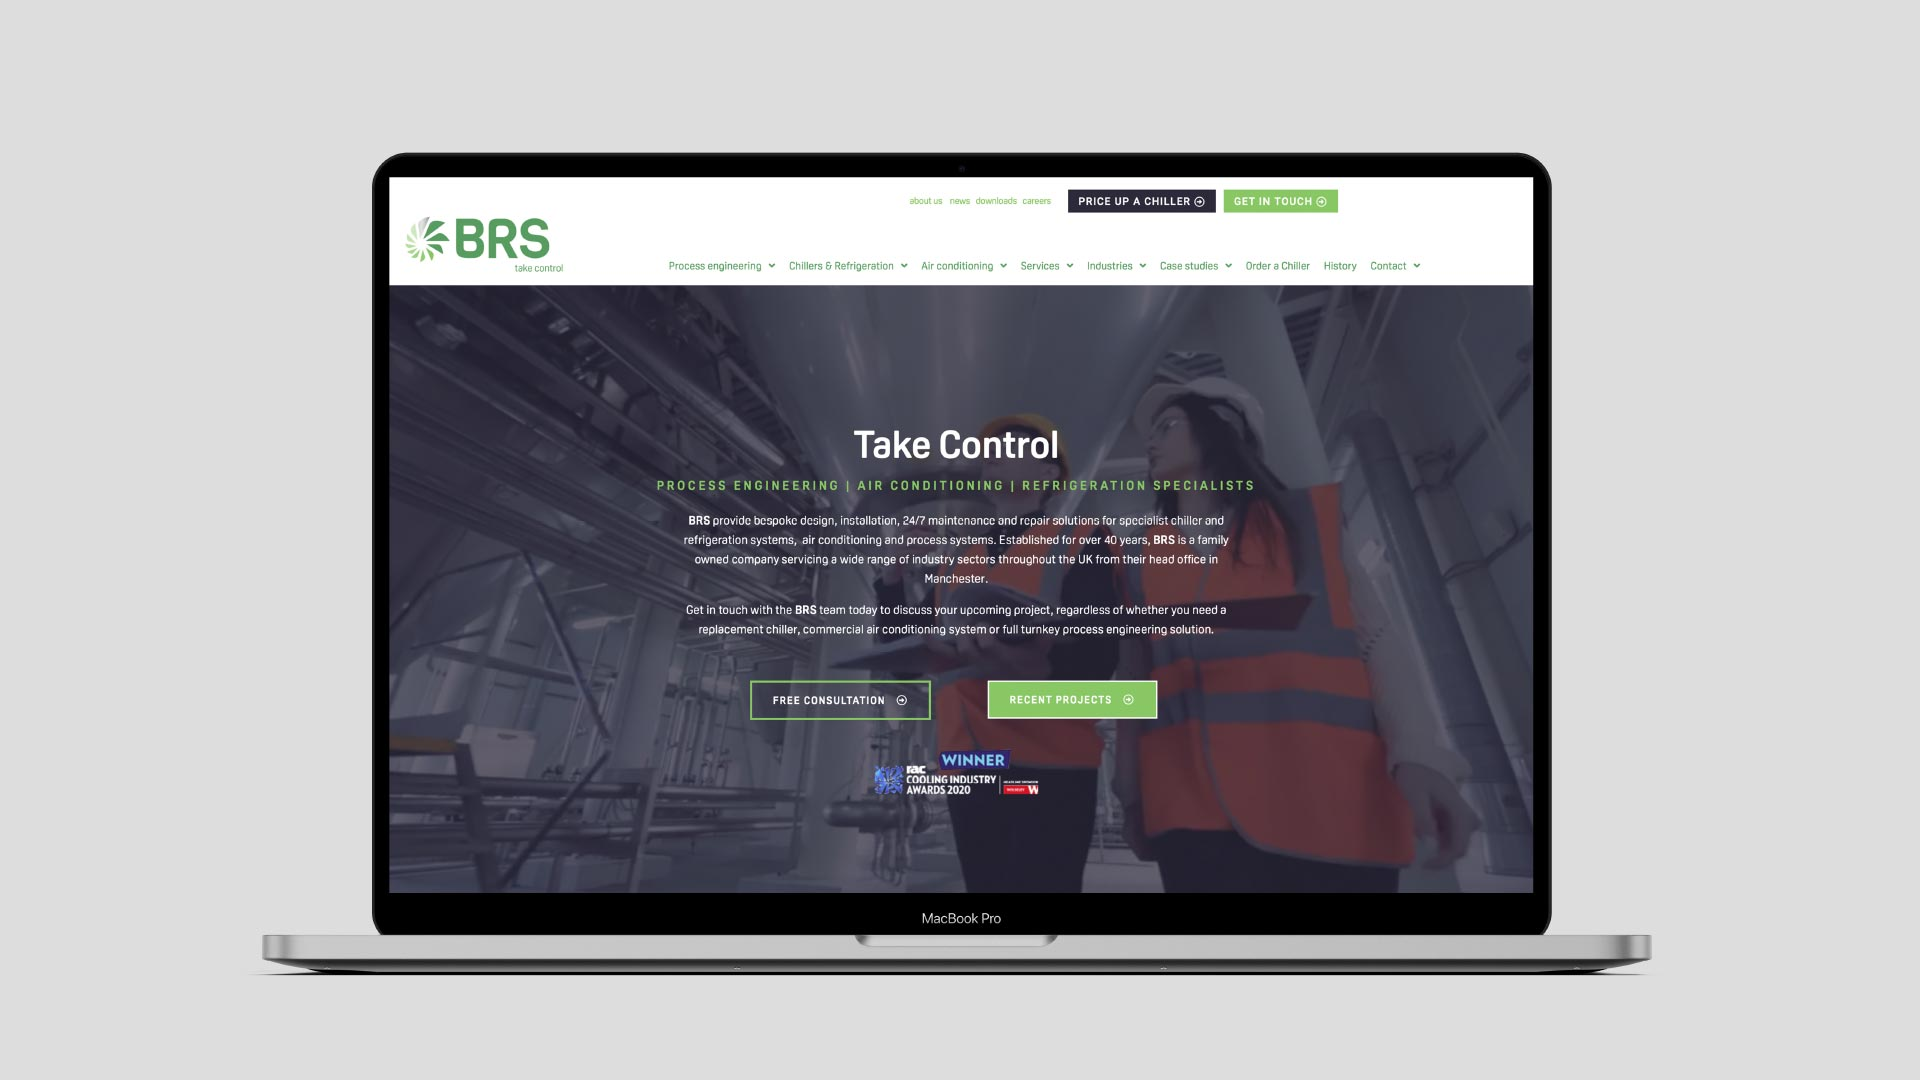 BRS website